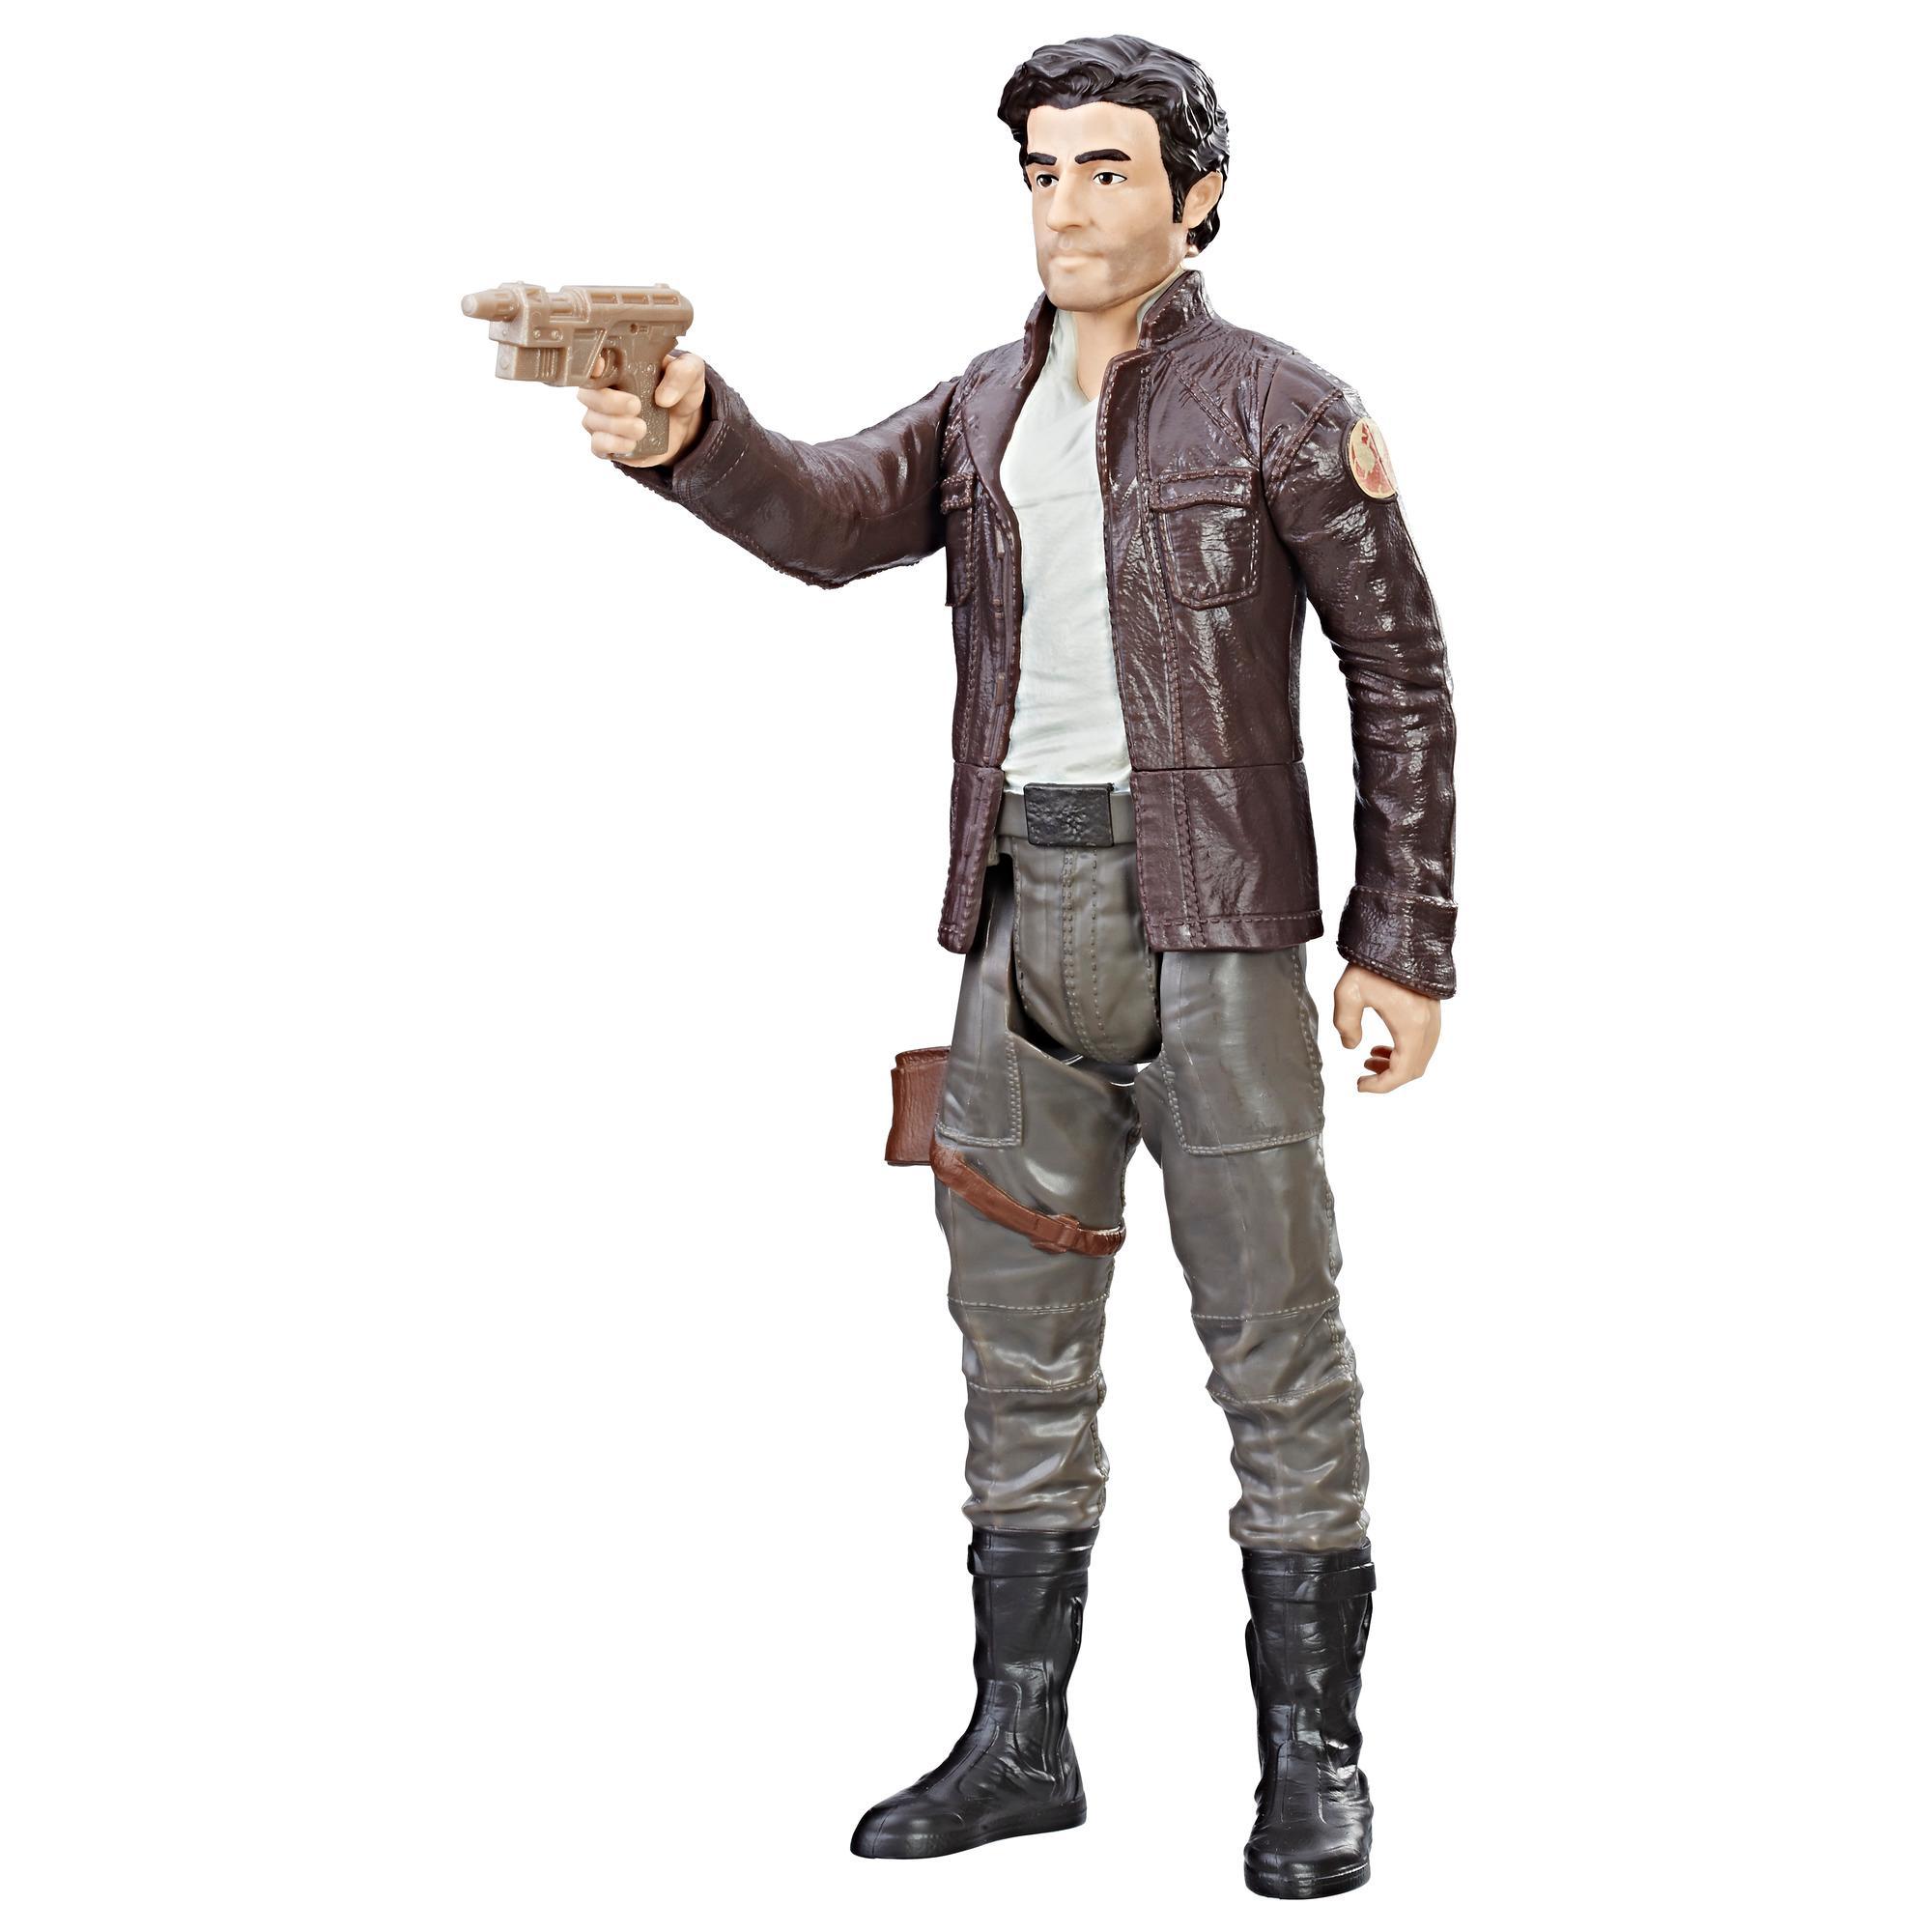 Star Wars: Les derniers Jedi - Figurine du capitaine Poe Dameron de 30 cm